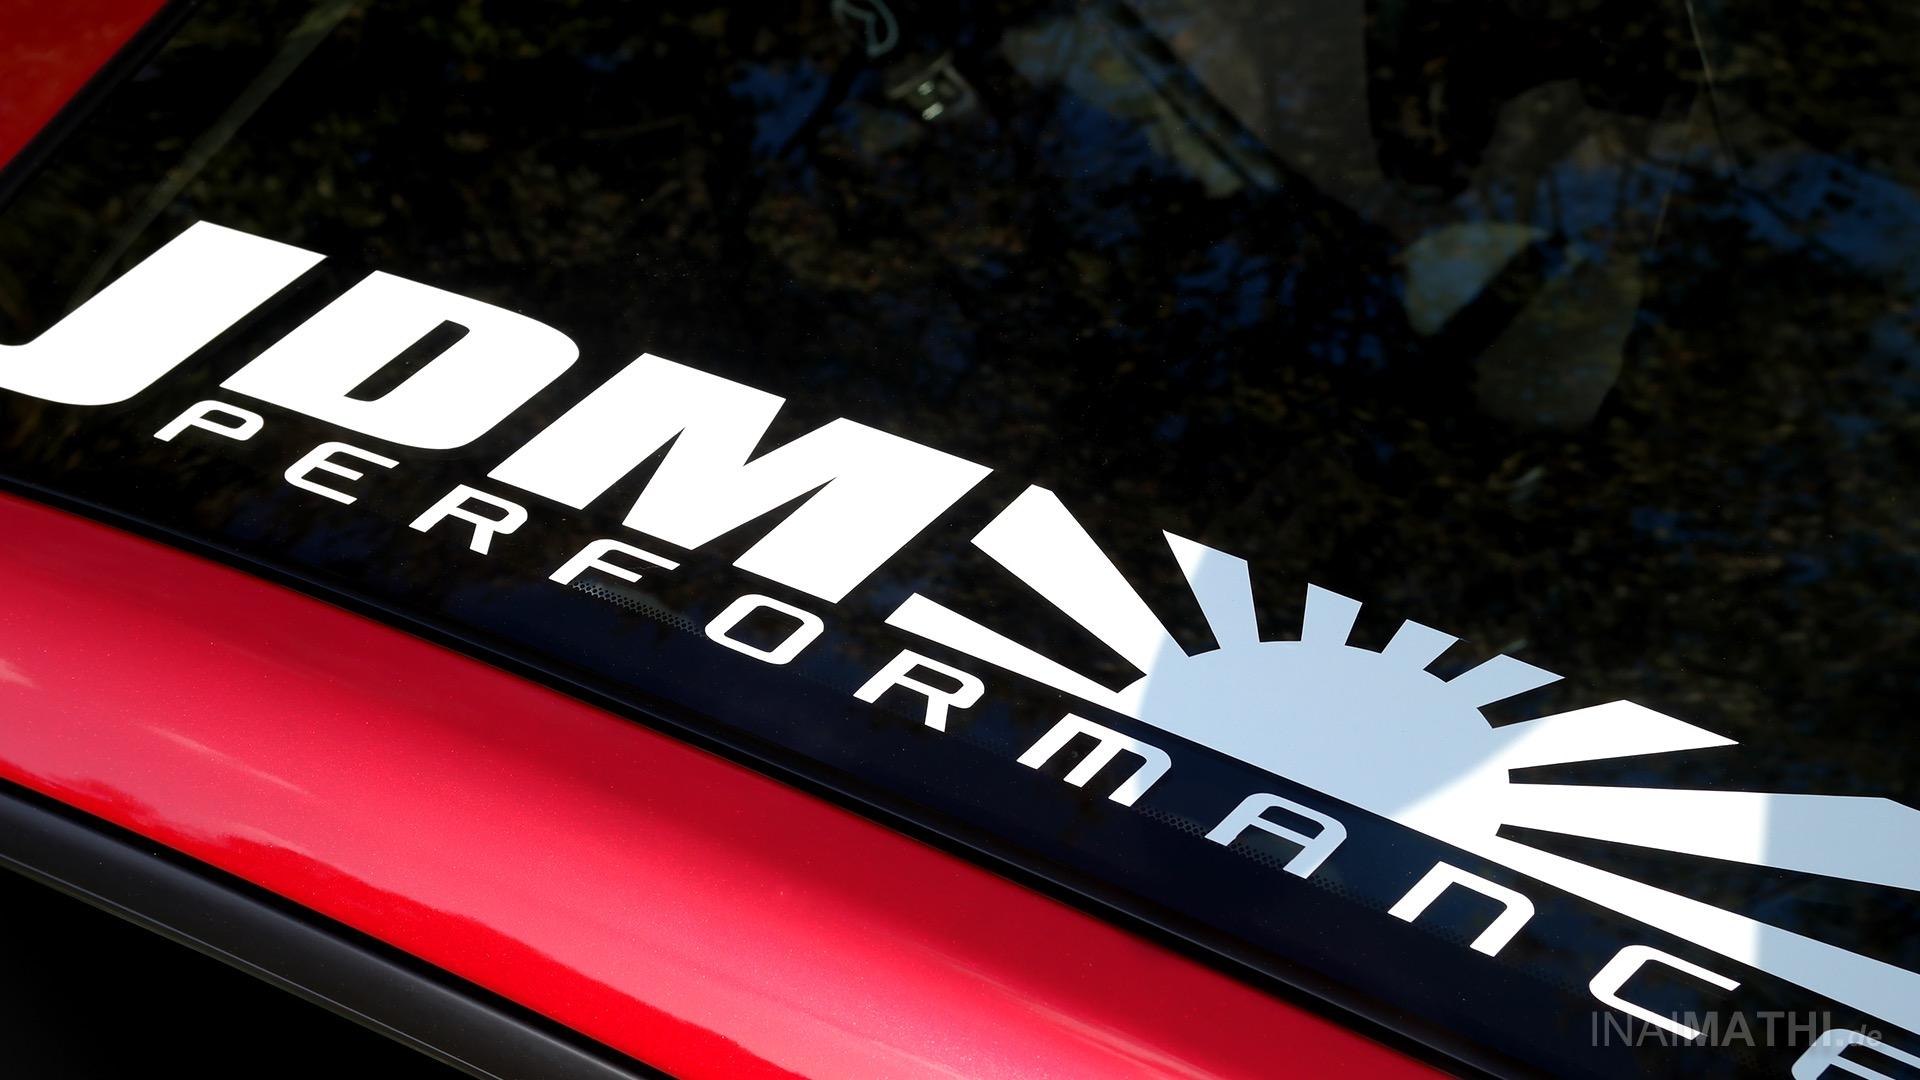 Projekt Kotori mit JDM Performance Sticker